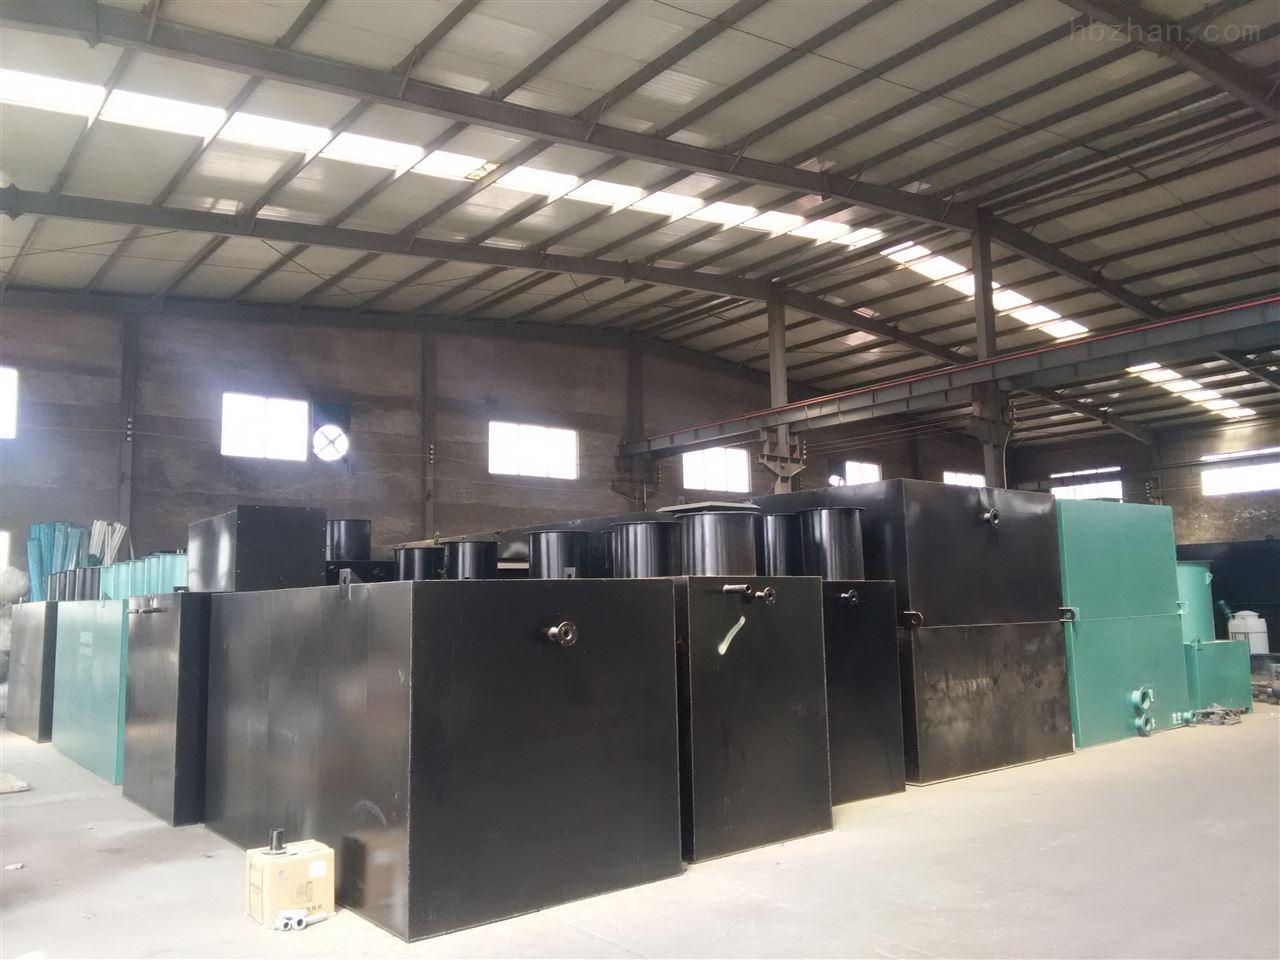 达州市酒厂污水处理设备达标排放